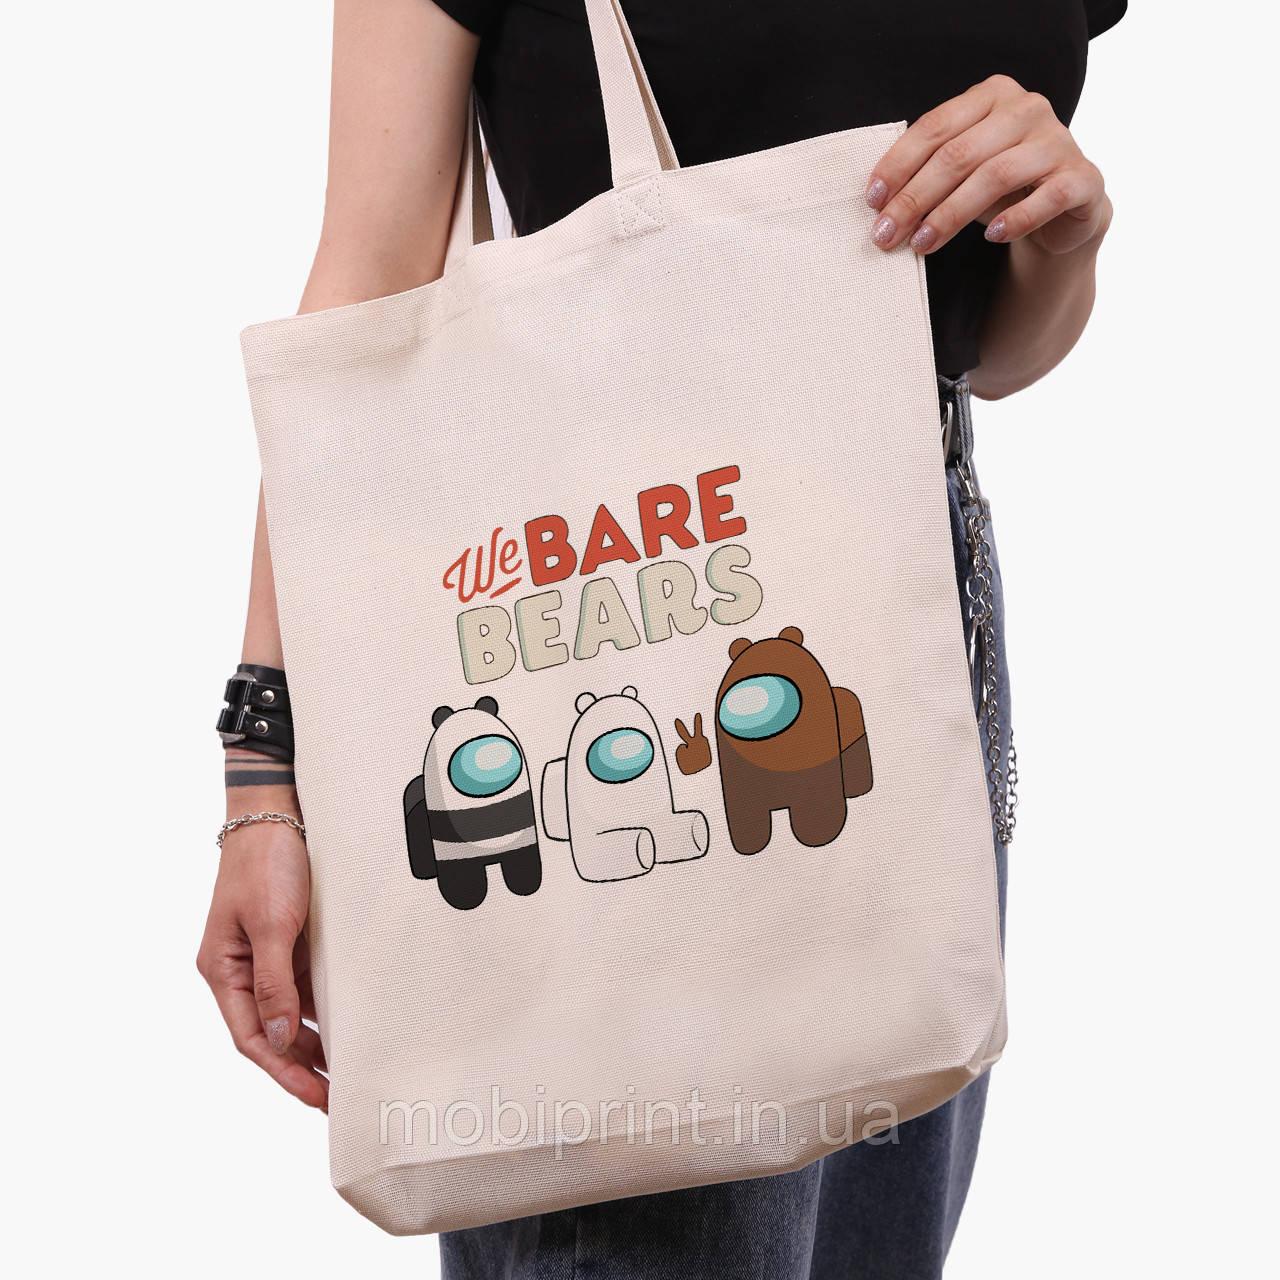 Еко сумка шоппер біла Вся правда про ведмедів (We Bare Bears) (9227-2668-1) 41*39*8 см